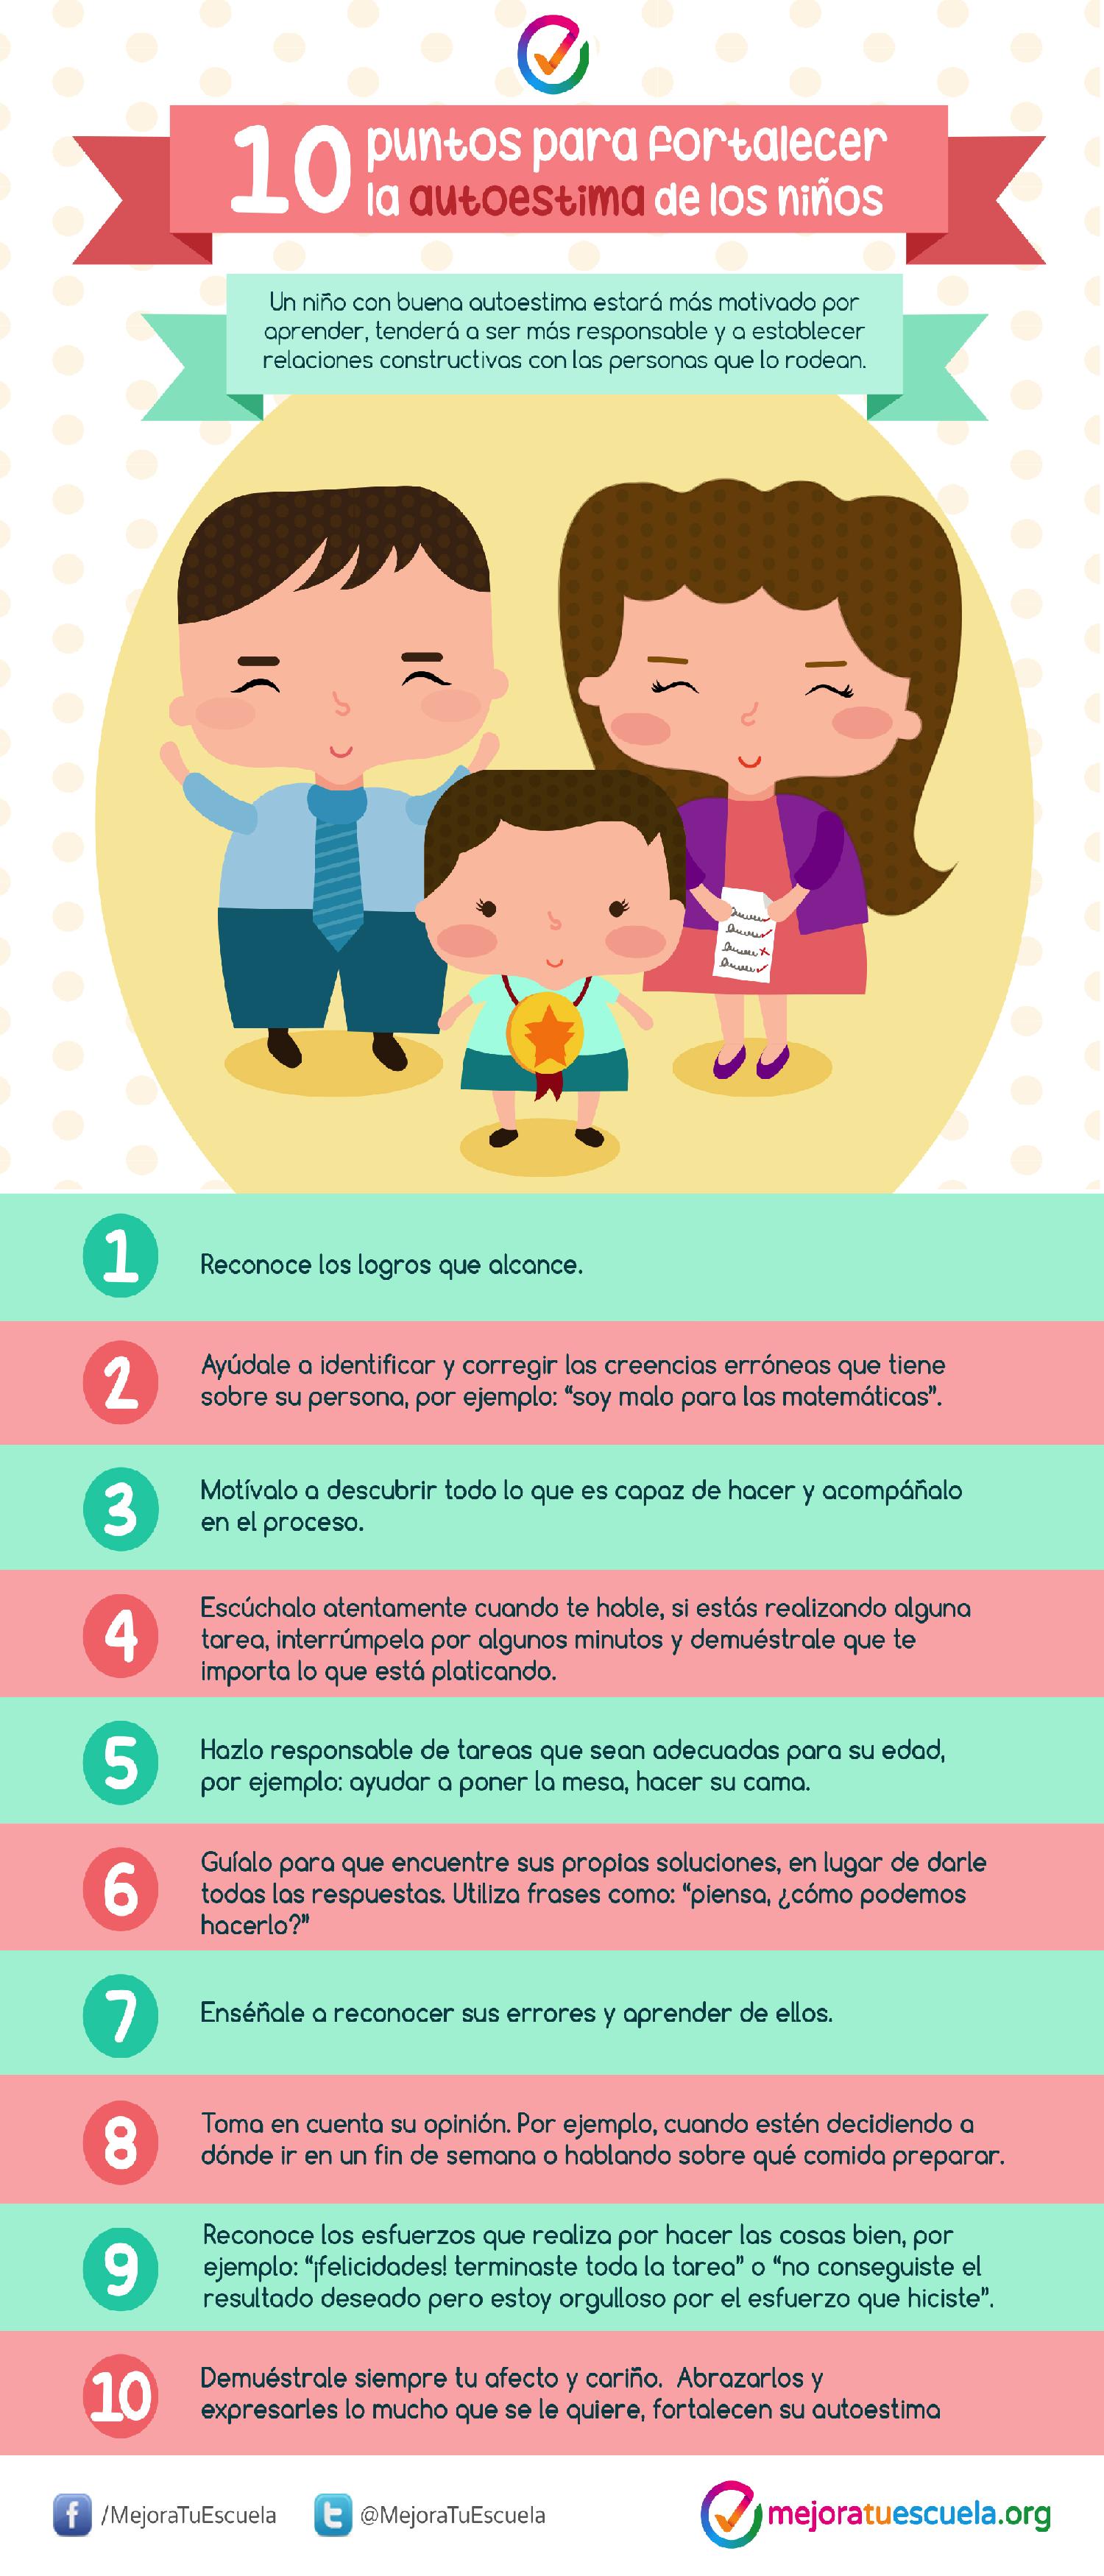 10 puntos para fortalecer al autoestima de los niños